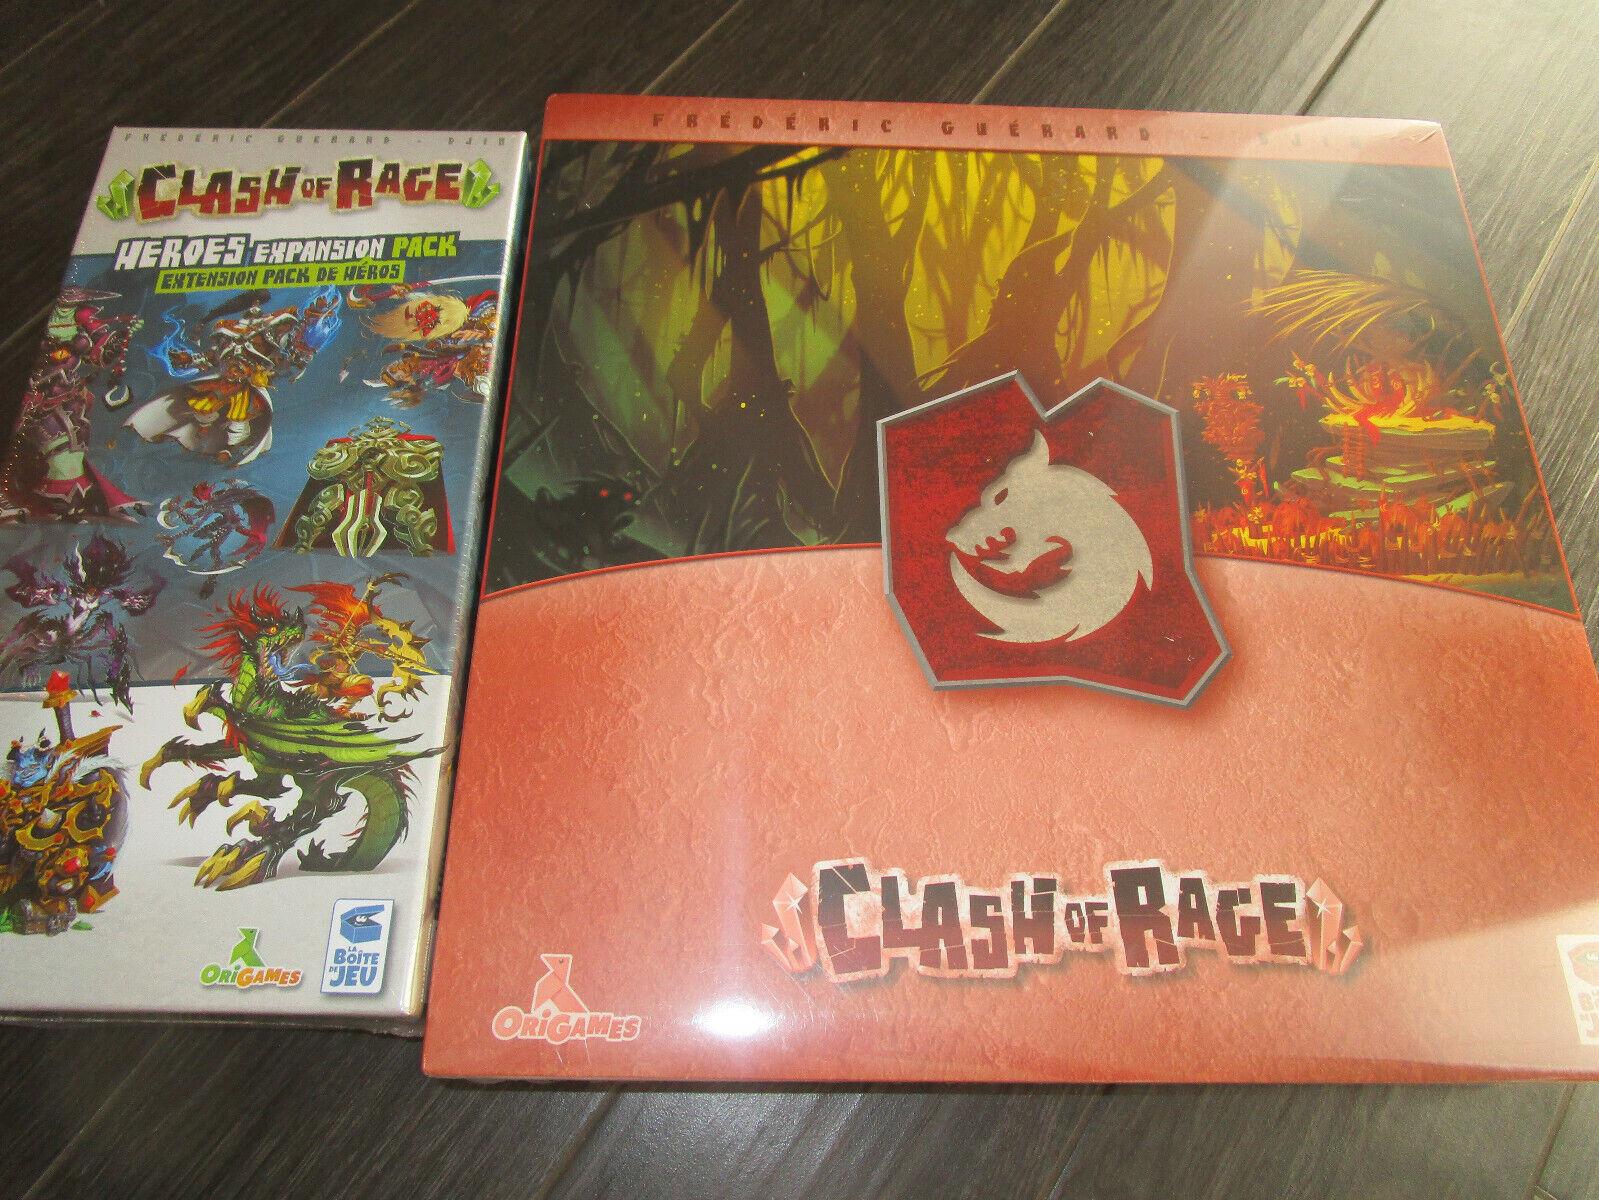 Clash of Rage bahorg tribu promesse + pédale de démarrage exclusive heroes Expansion